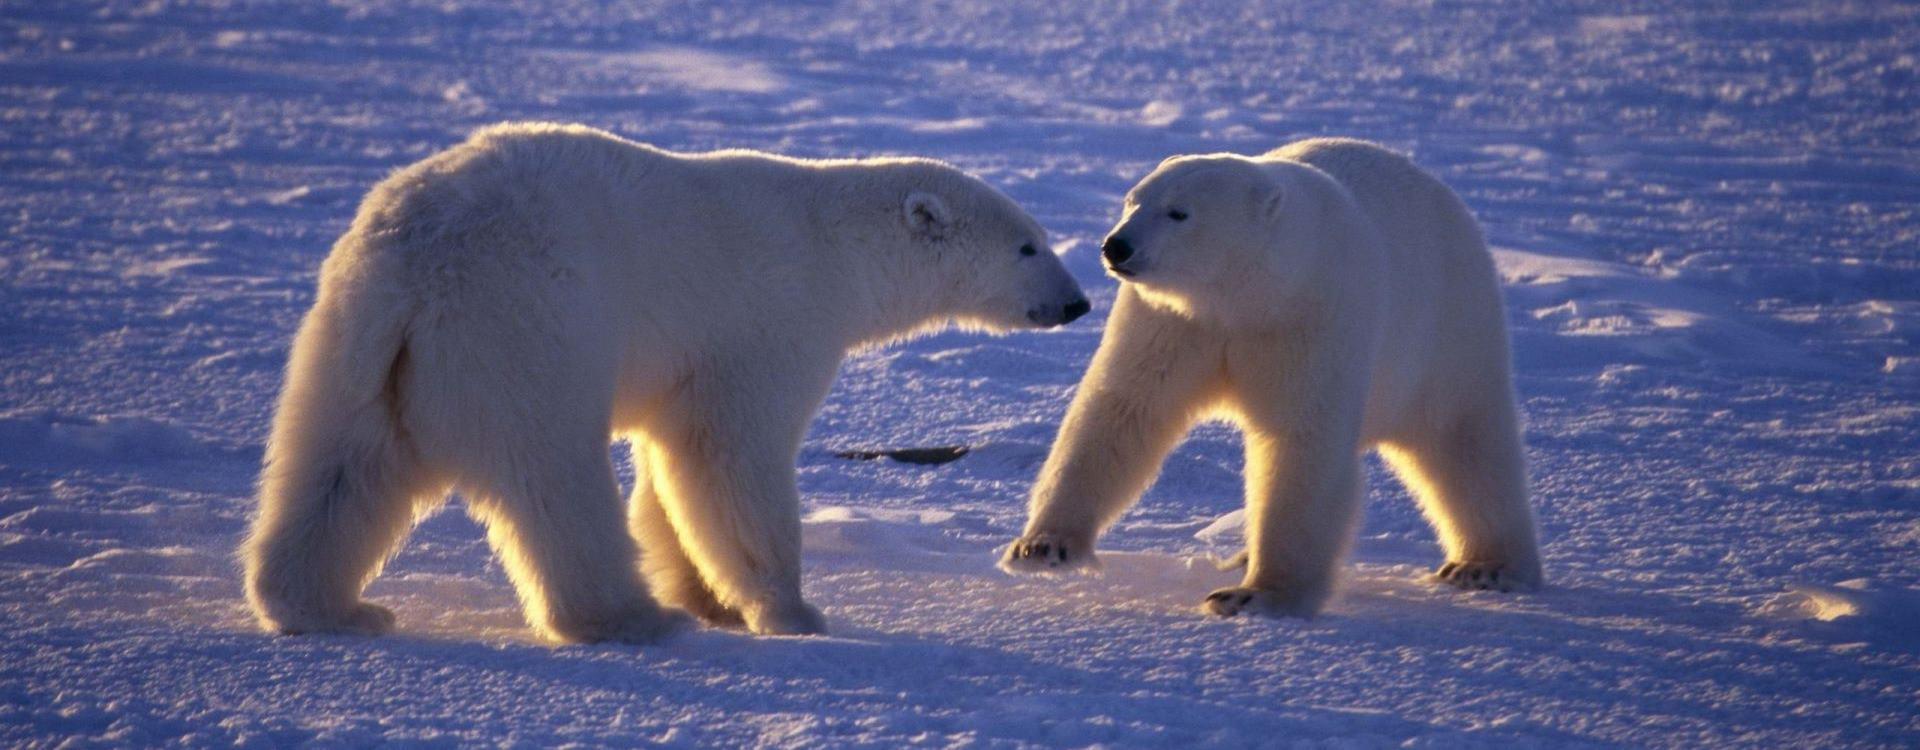 Белые медведи в Арктике: как живет супер хищник Севера